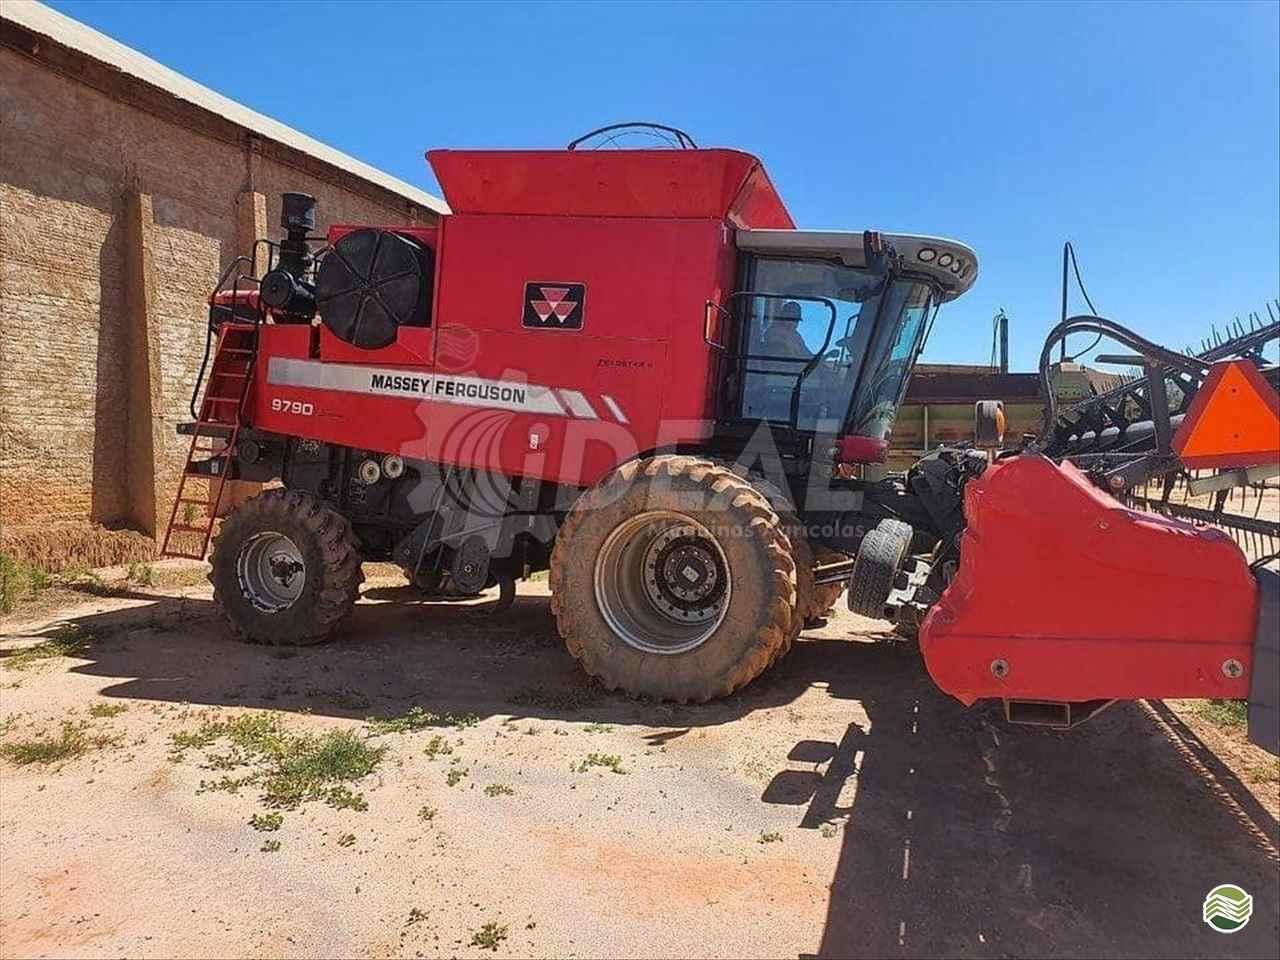 COLHEITADEIRA MASSEY FERGUSON MF 9790 Ideal Máquinas Agrícolas SAO GONCALO DO SAPUCAI MINAS GERAIS MG